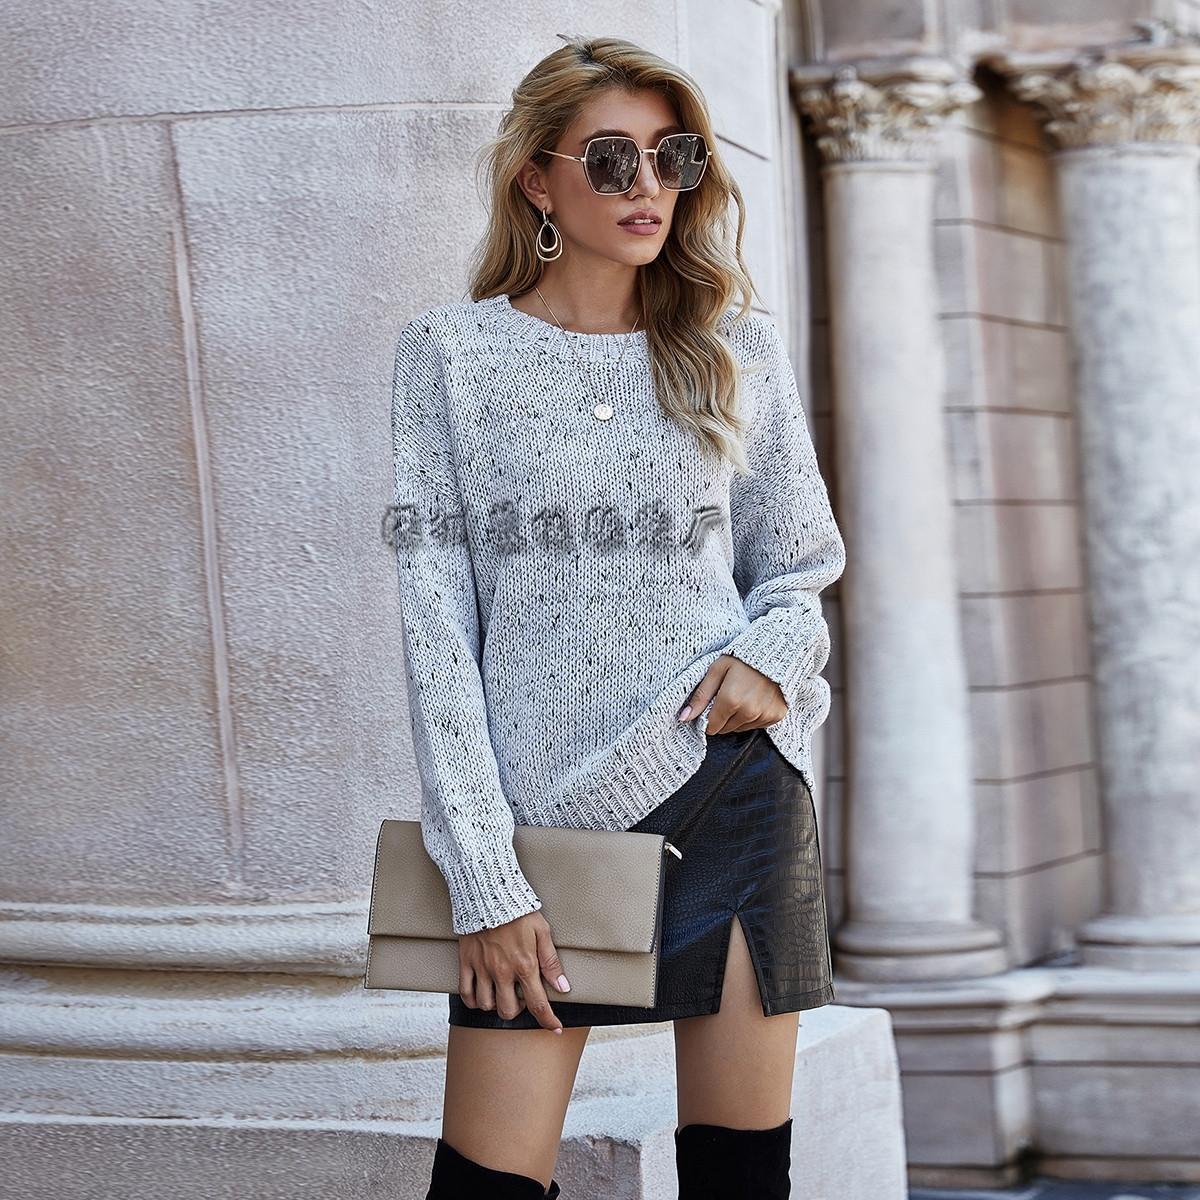 mB370 Nuovo Pullover dell'inverno Top pullover 2020 del manicotto lungo allentato rotondo maglia larga parte superiore del collo autunno per le donne MZQQD